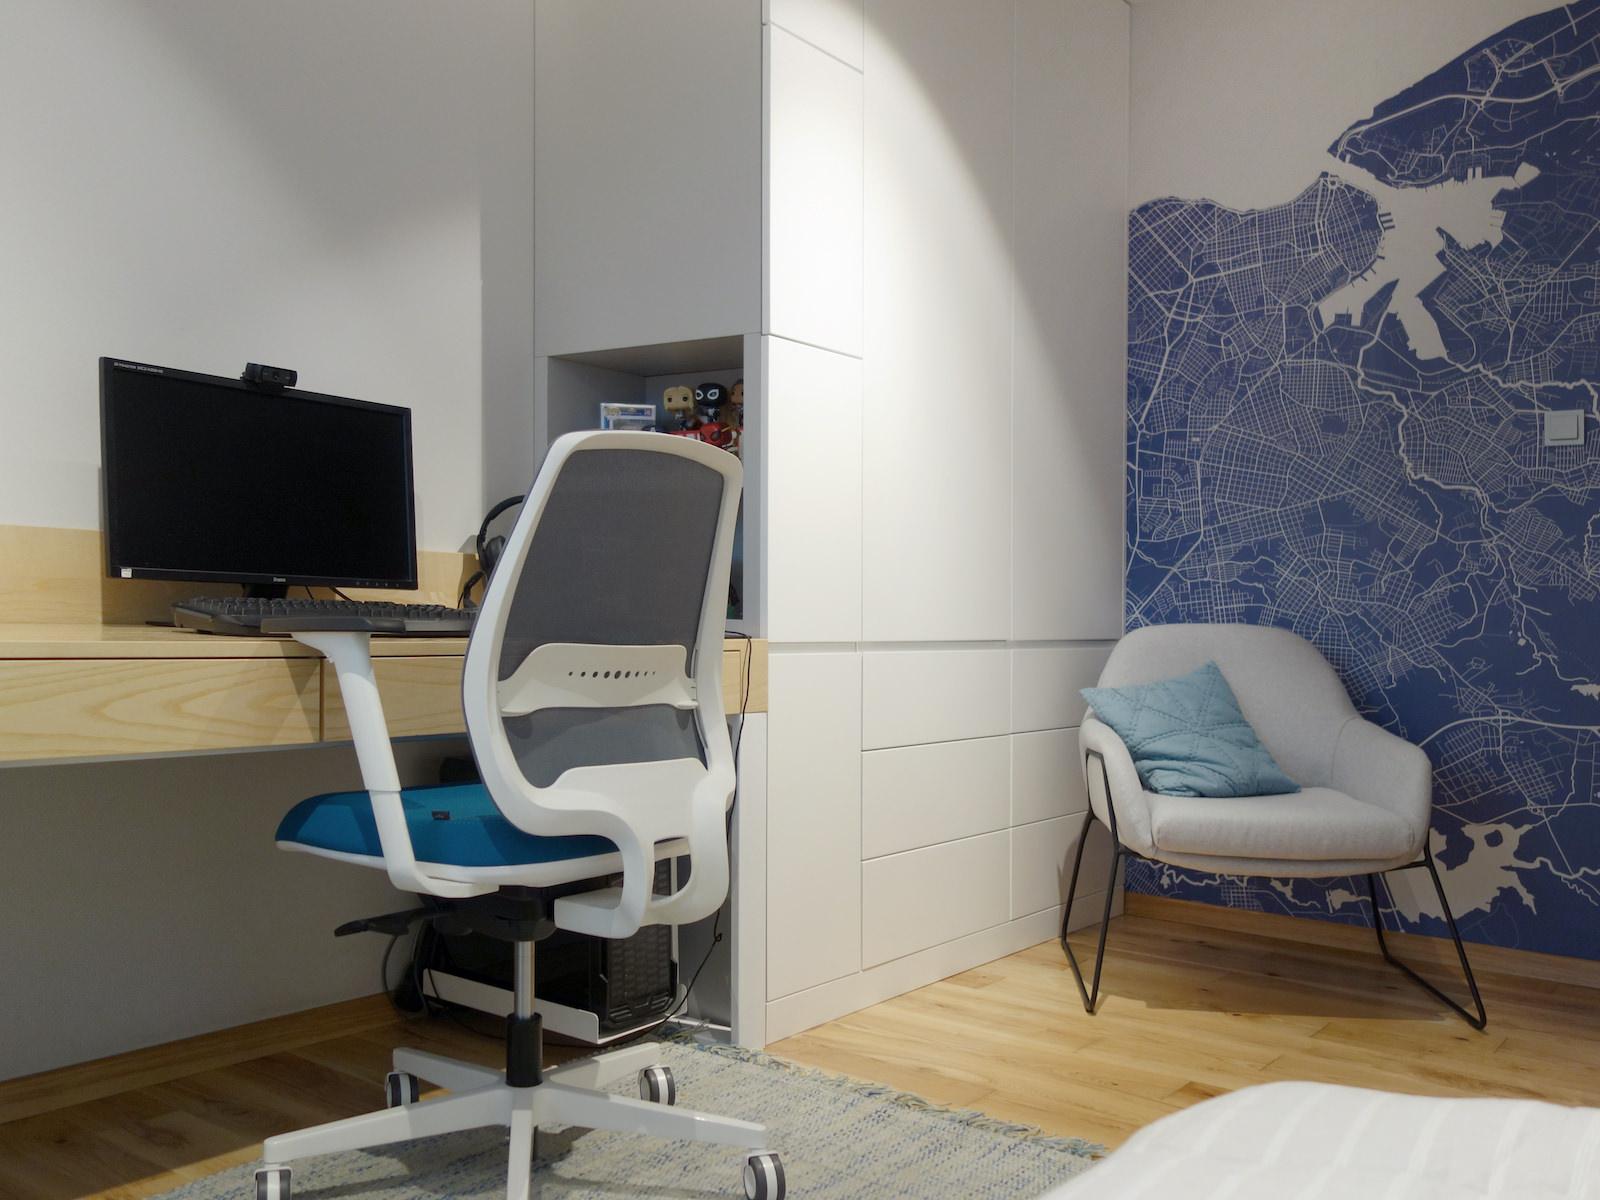 14 projektowanie wnetrz R034 dom katowice pokoj chlopca tapeta mapa na scianie kacik do nauki biurko w zabudowie meblowej